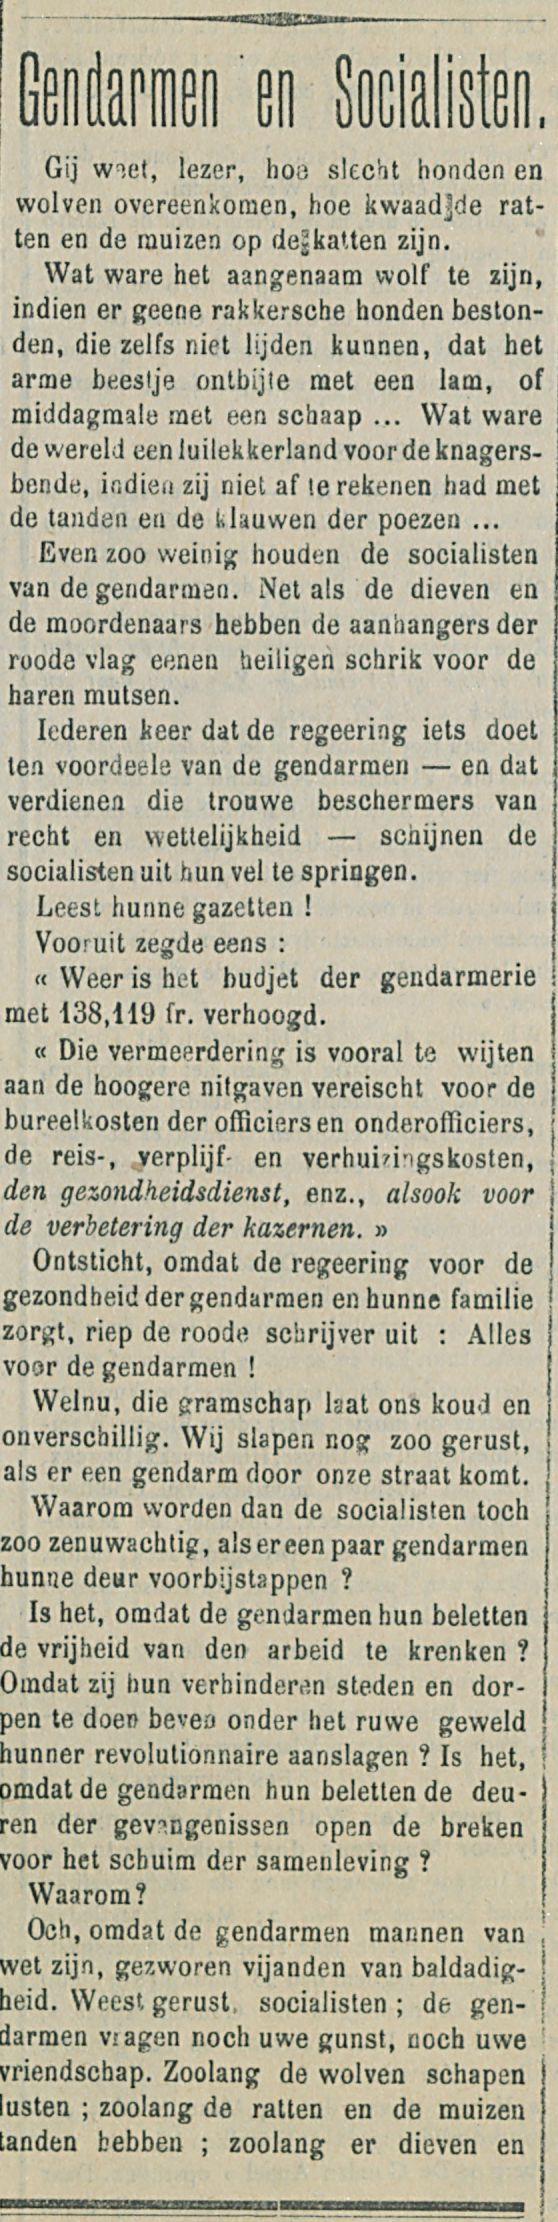 Gendarmen en Socialisten